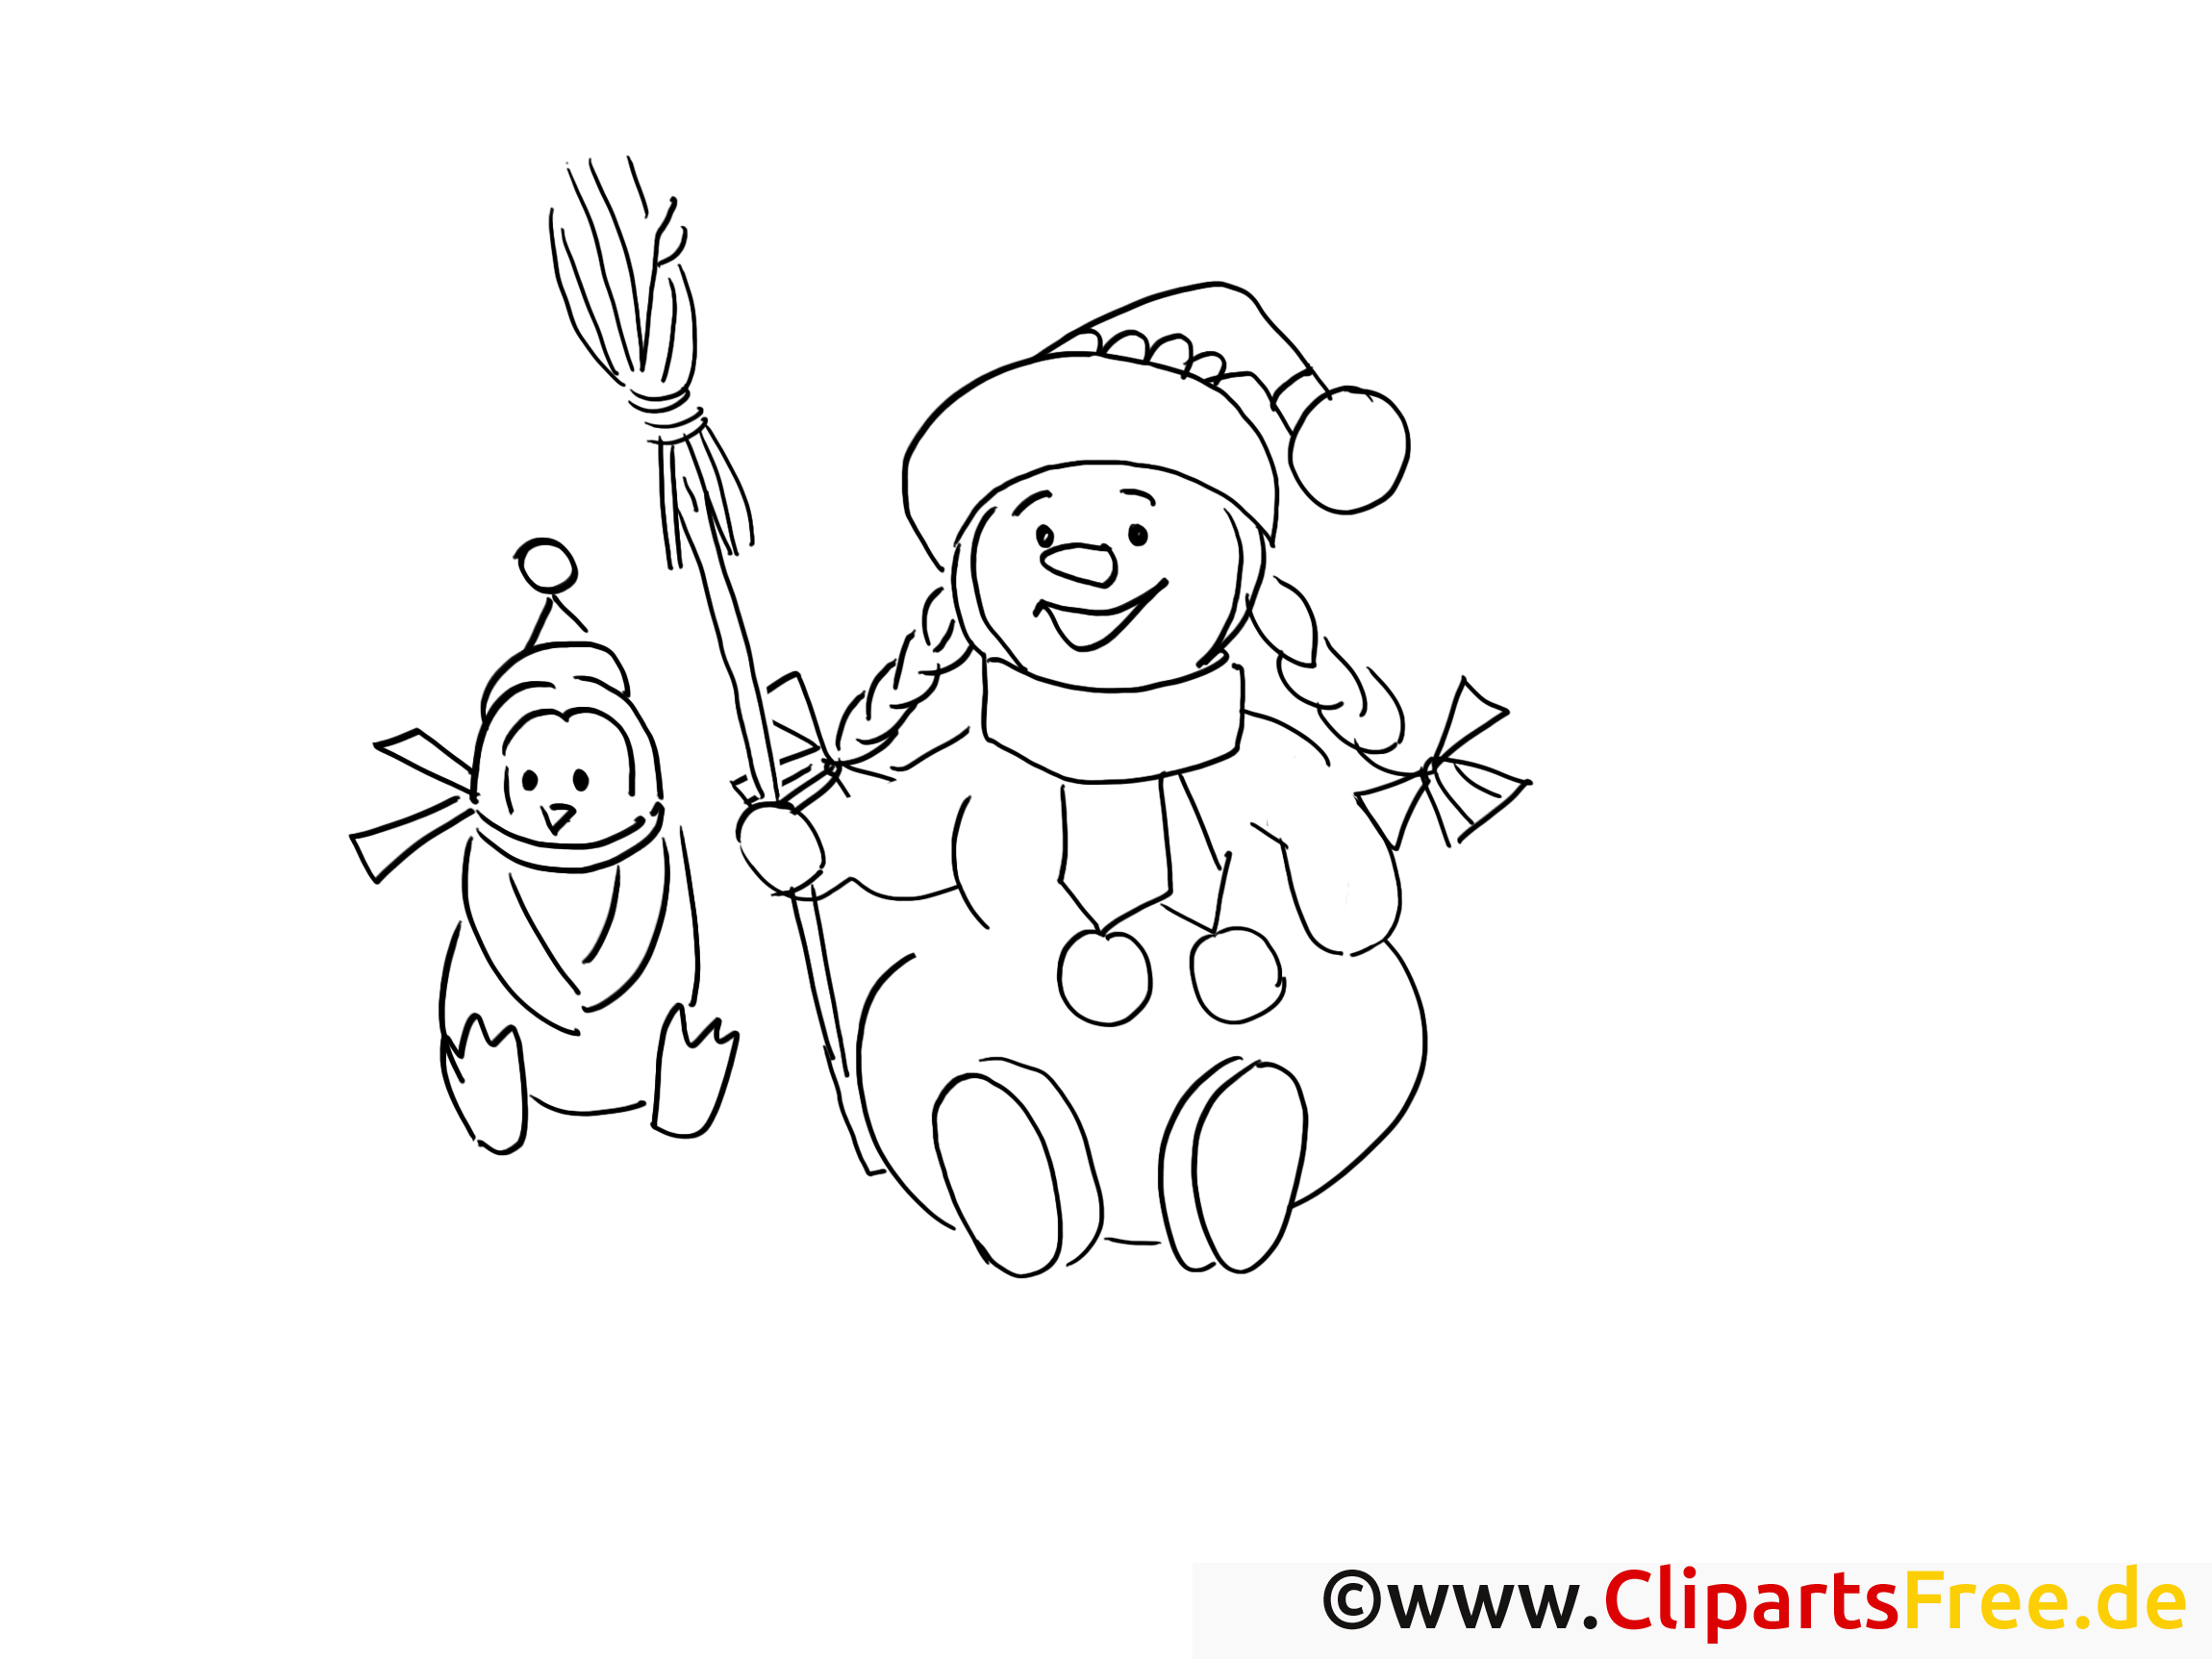 schneemann mit pinguin ausmalbilder gratis für kinder